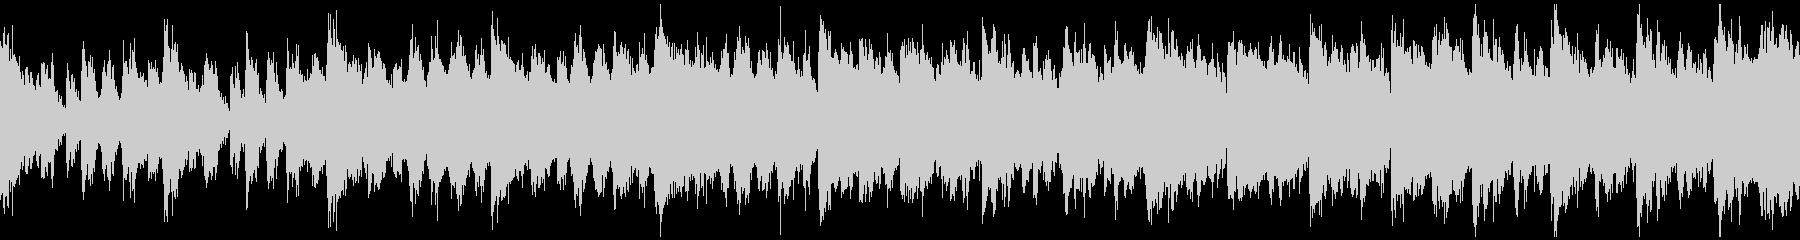 スチームパンク要塞のテーマ(ループ)の未再生の波形